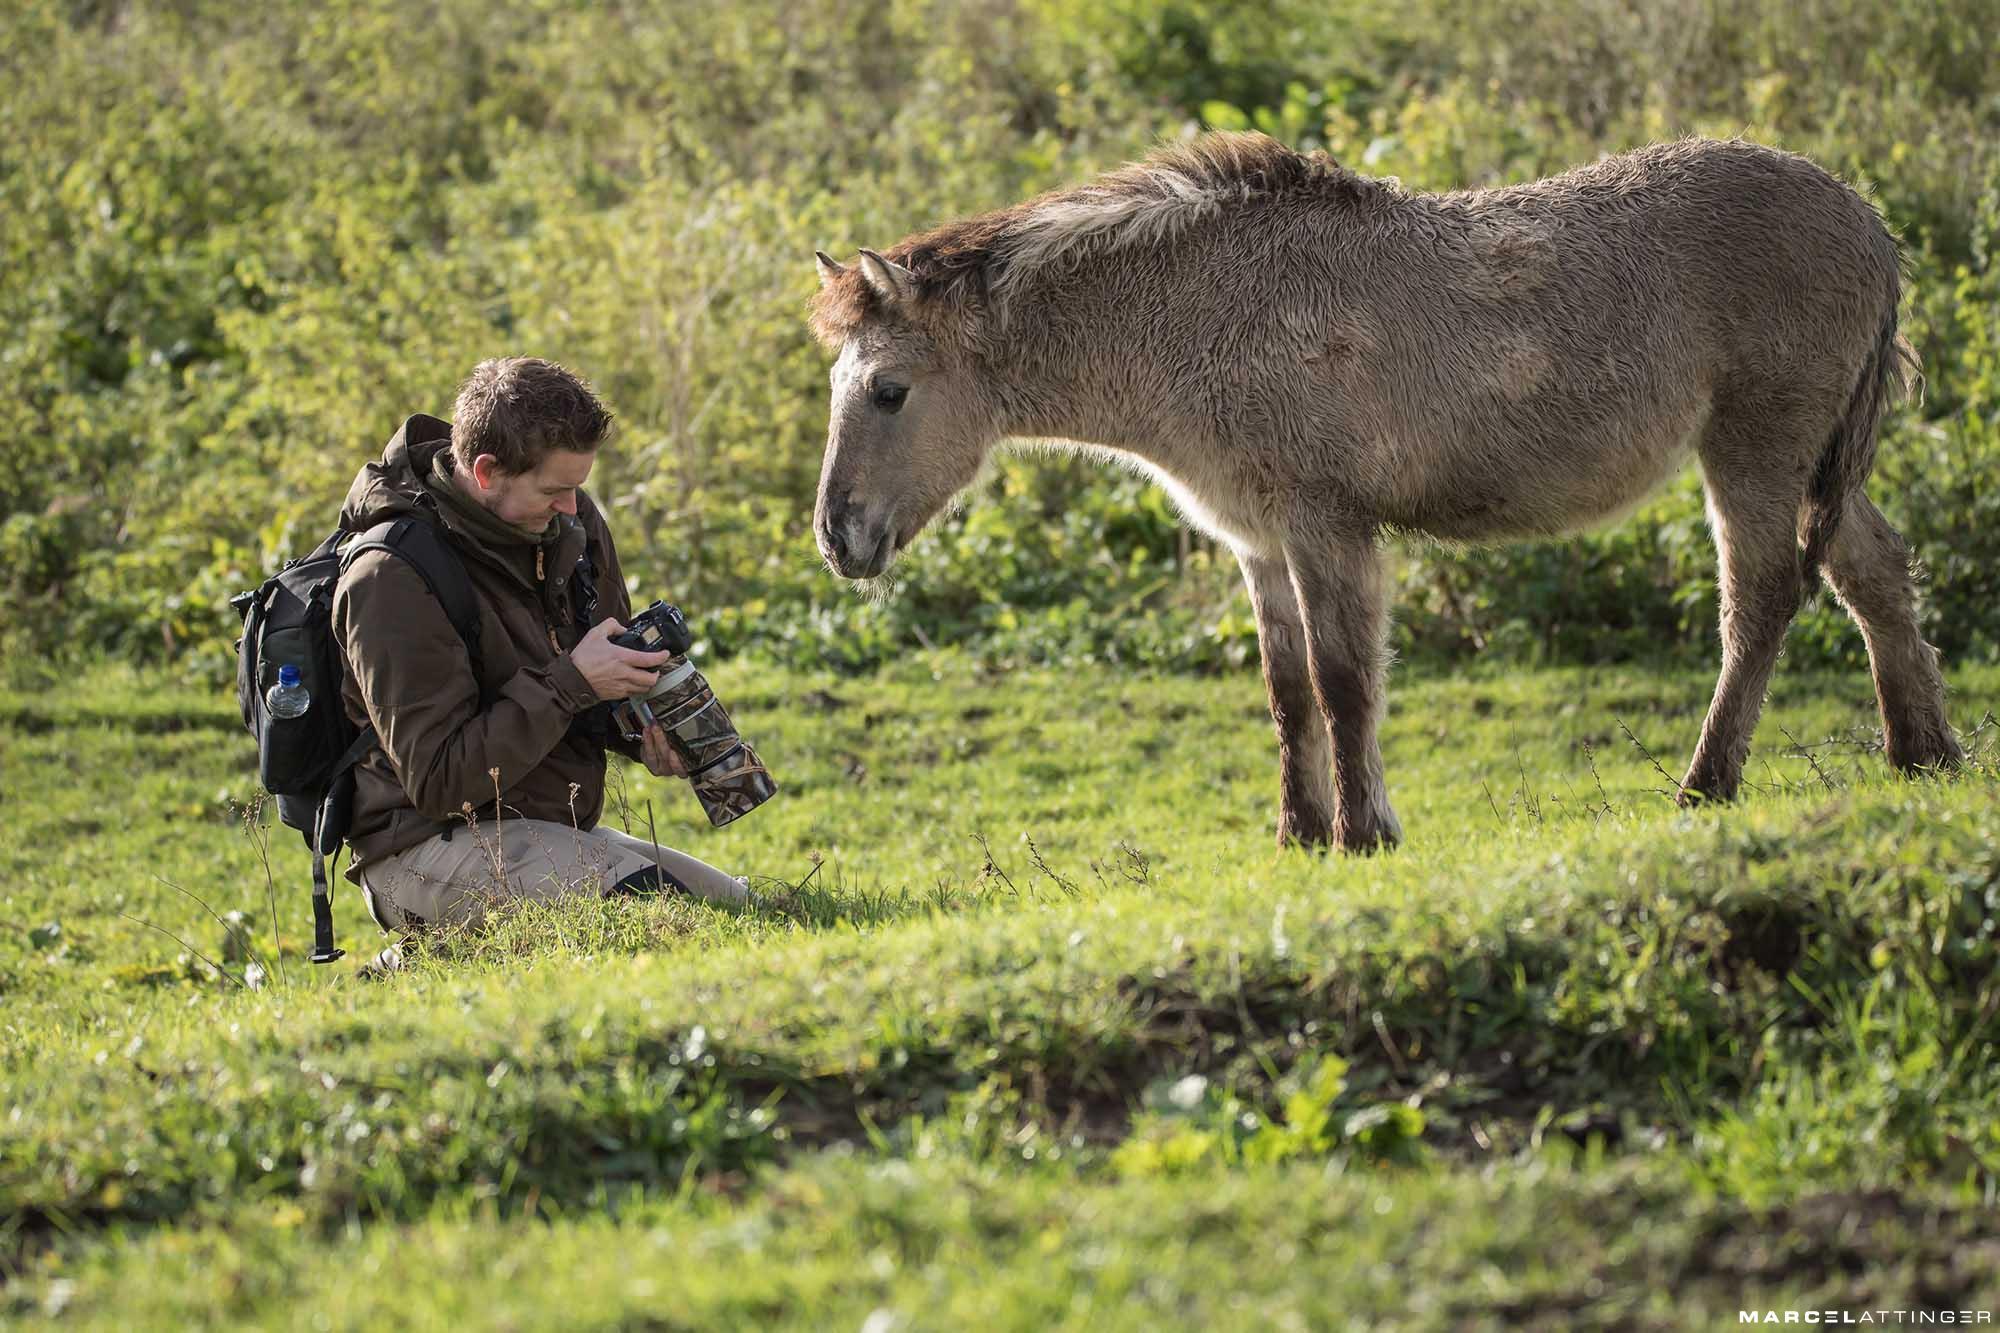 Konikpaarden van de Blauwe Kamer zijn nieuwsgierig